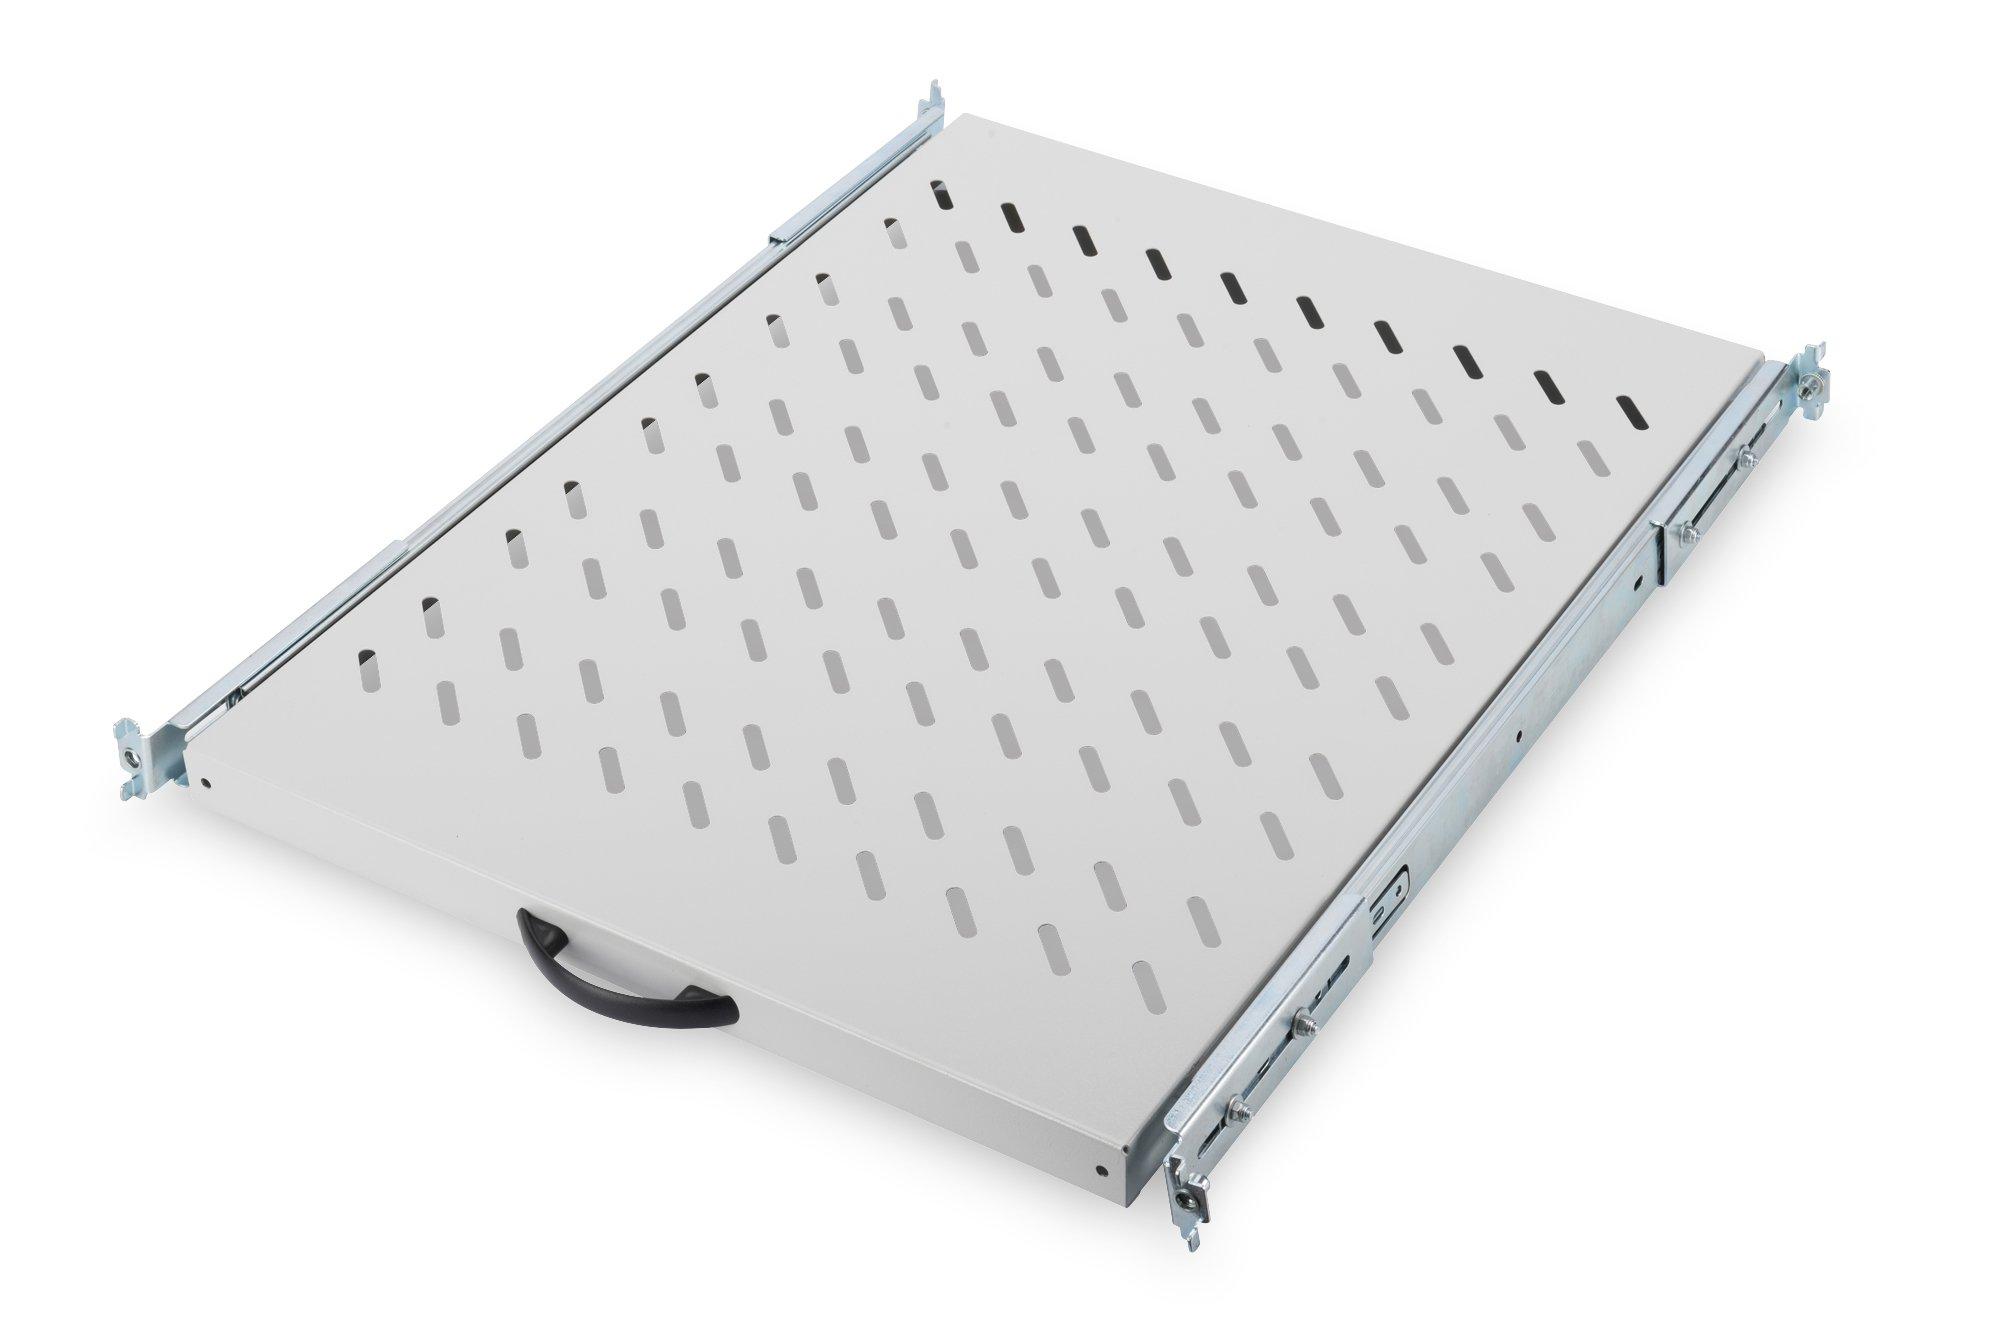 DIGITUS Professional DN-19 TRAY-2-800 - ausziehbarer Fachboden für 19'' Schränke - Befestigung vorne & hinten - Traglast 25 kg - ab 800 mm Schranktiefe - 1HE - Farbe grau